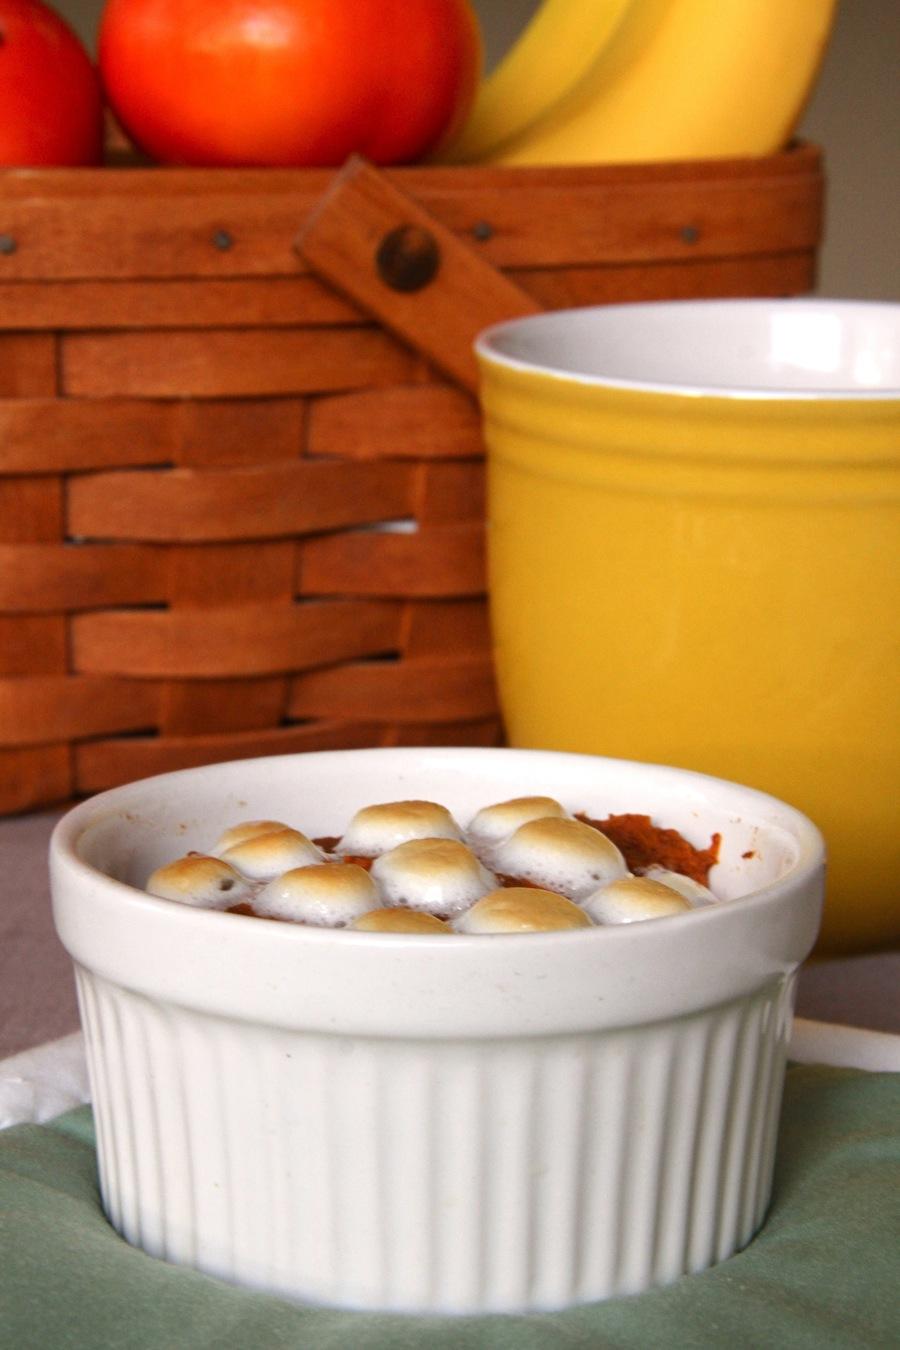 ... ://amyshealthybaking.com/blog/2012/12/13/maple-mashed-sweet-potatoes